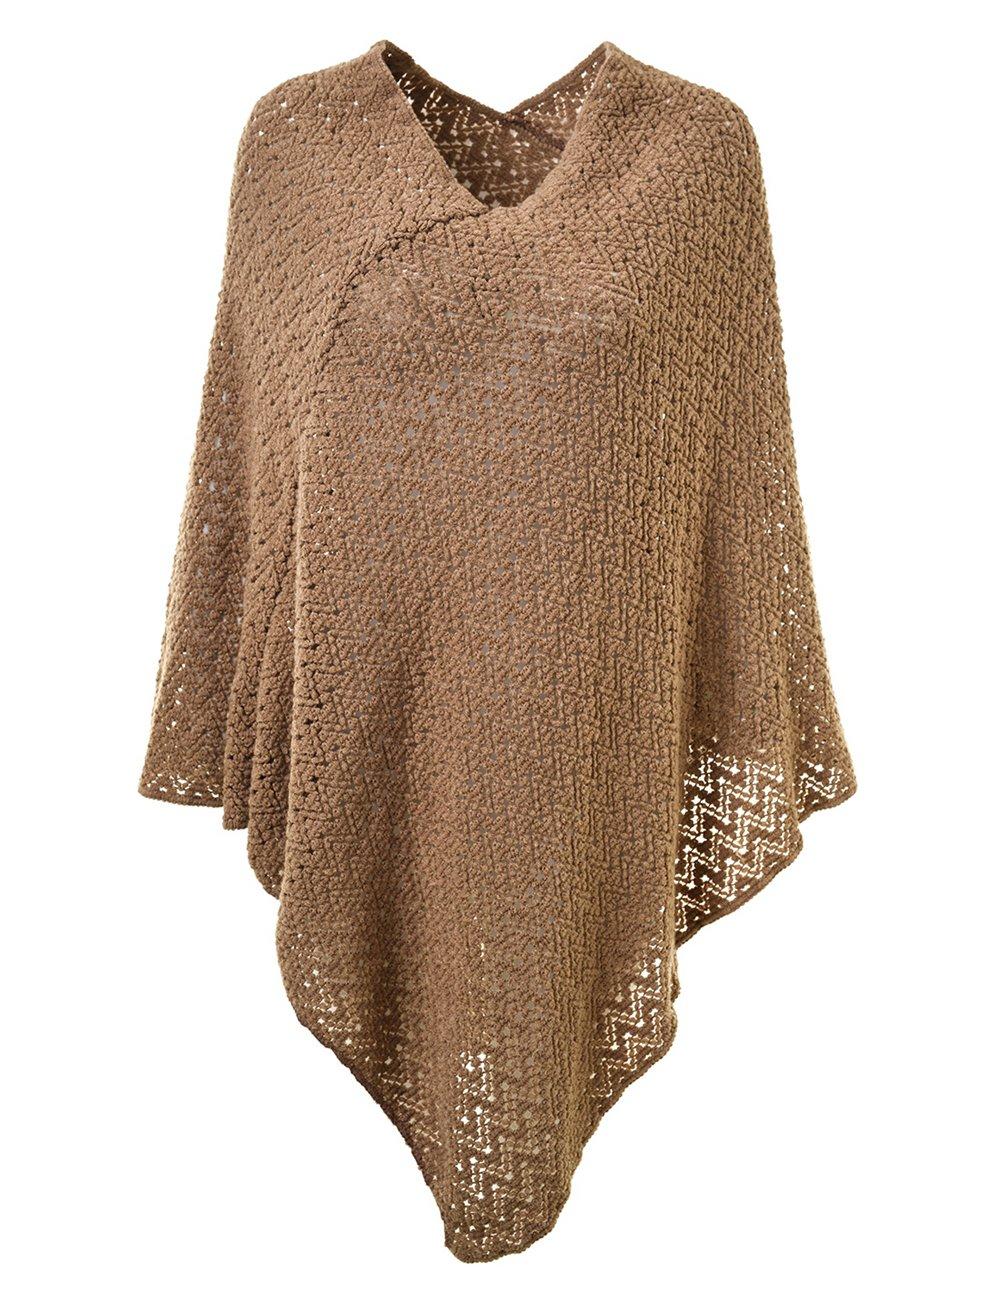 Ferand Elegant Crochet Knit V Neck Oversized Poncho Cape for Women One Size Dark Grey